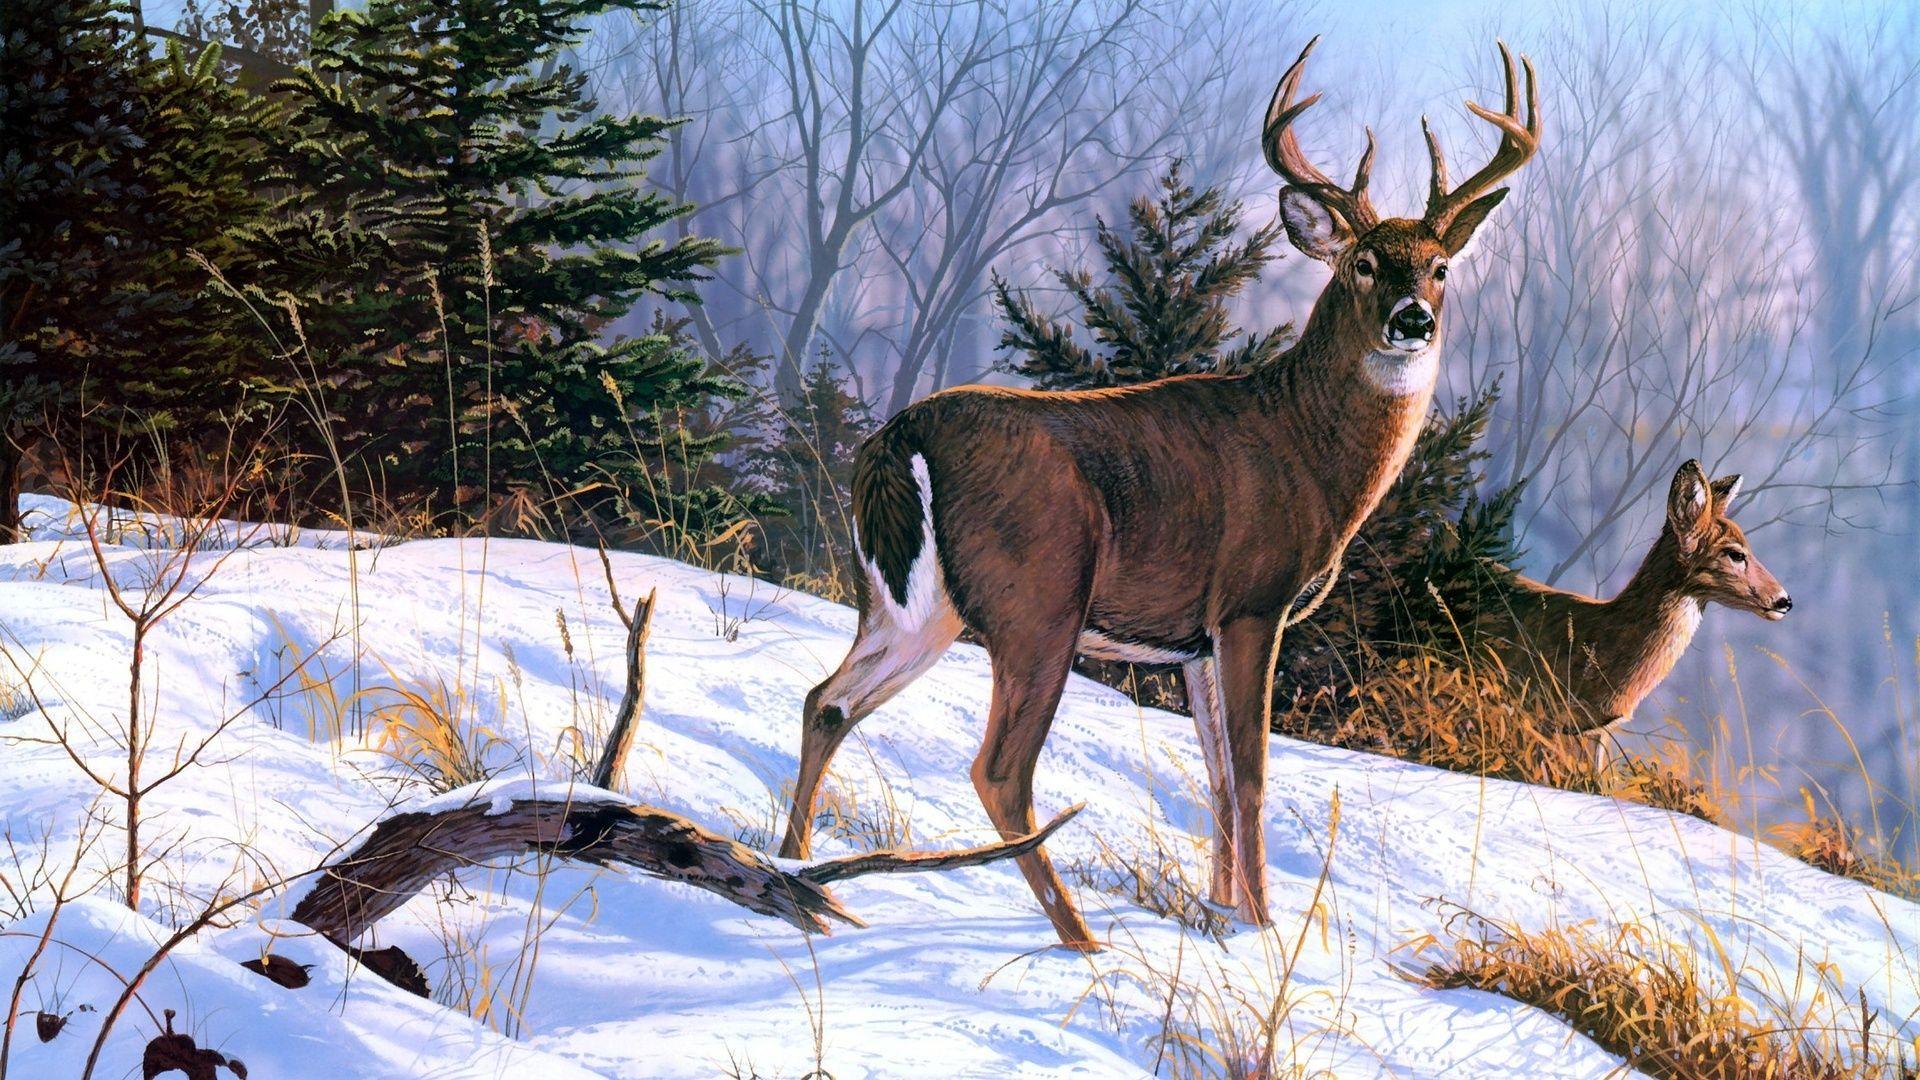 Deer Winter Pictures